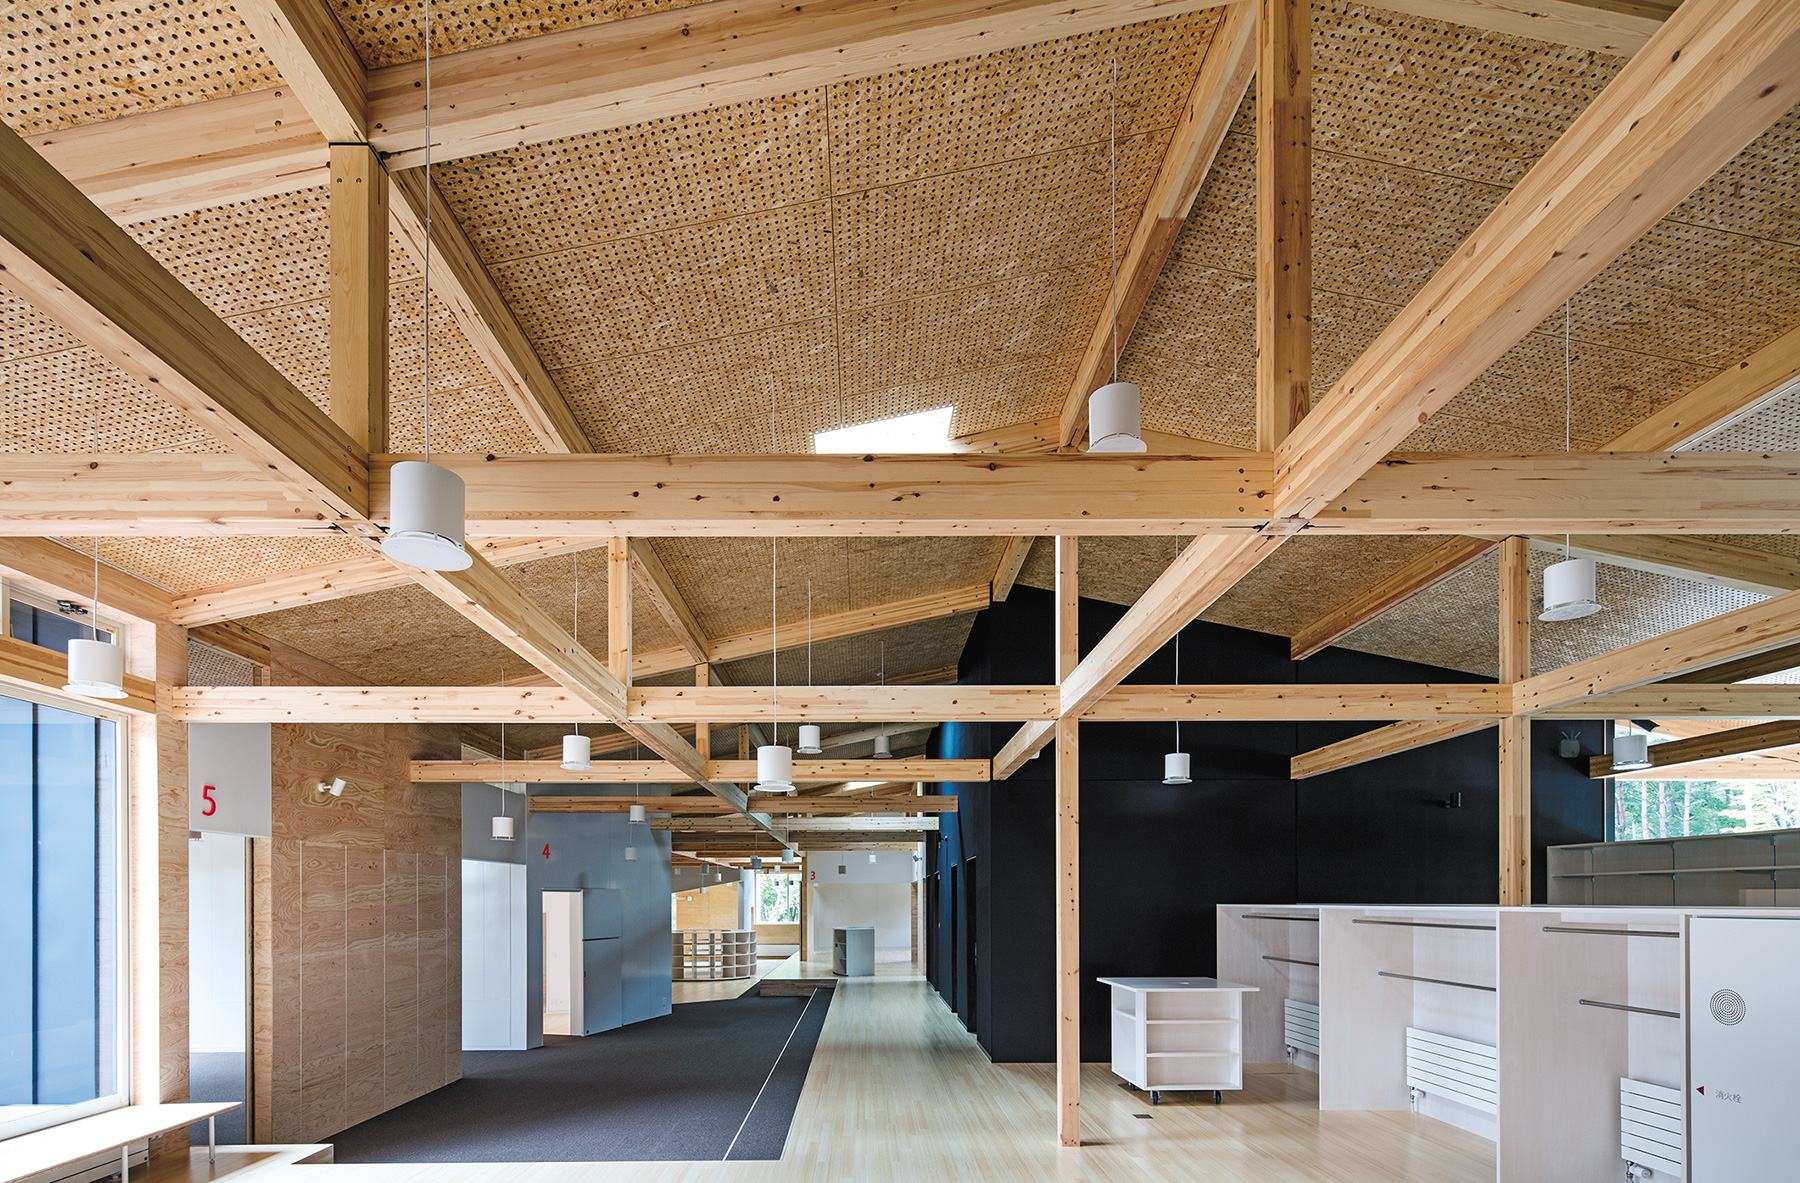 木造で学校を計画するための関連法規まとめ -